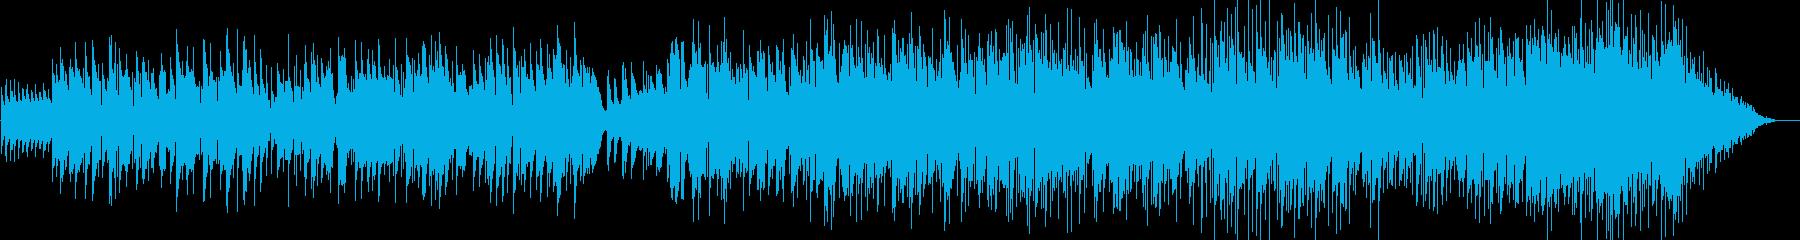 柔らかく温かいオリジナルソングの再生済みの波形